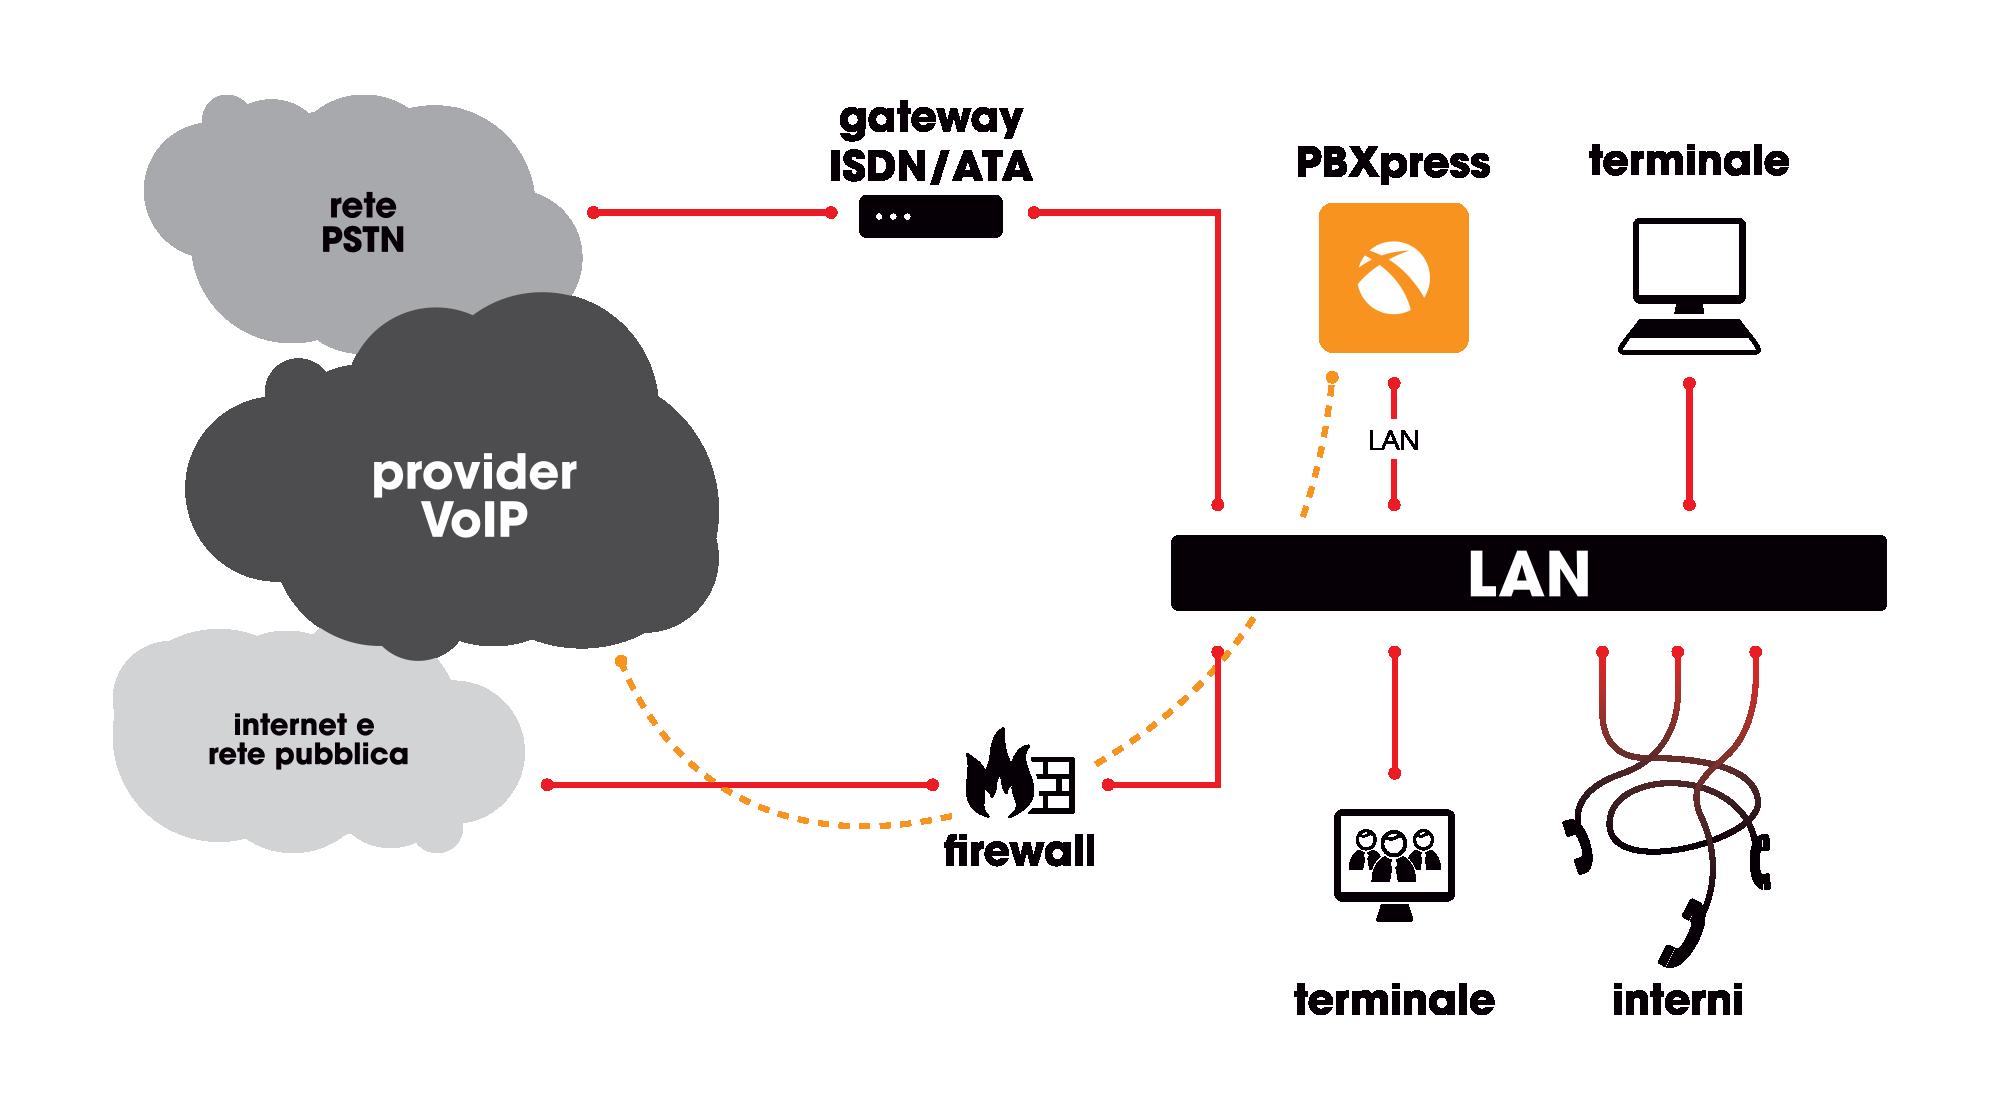 PBXPRESS - configurazione a interfaccia doppia